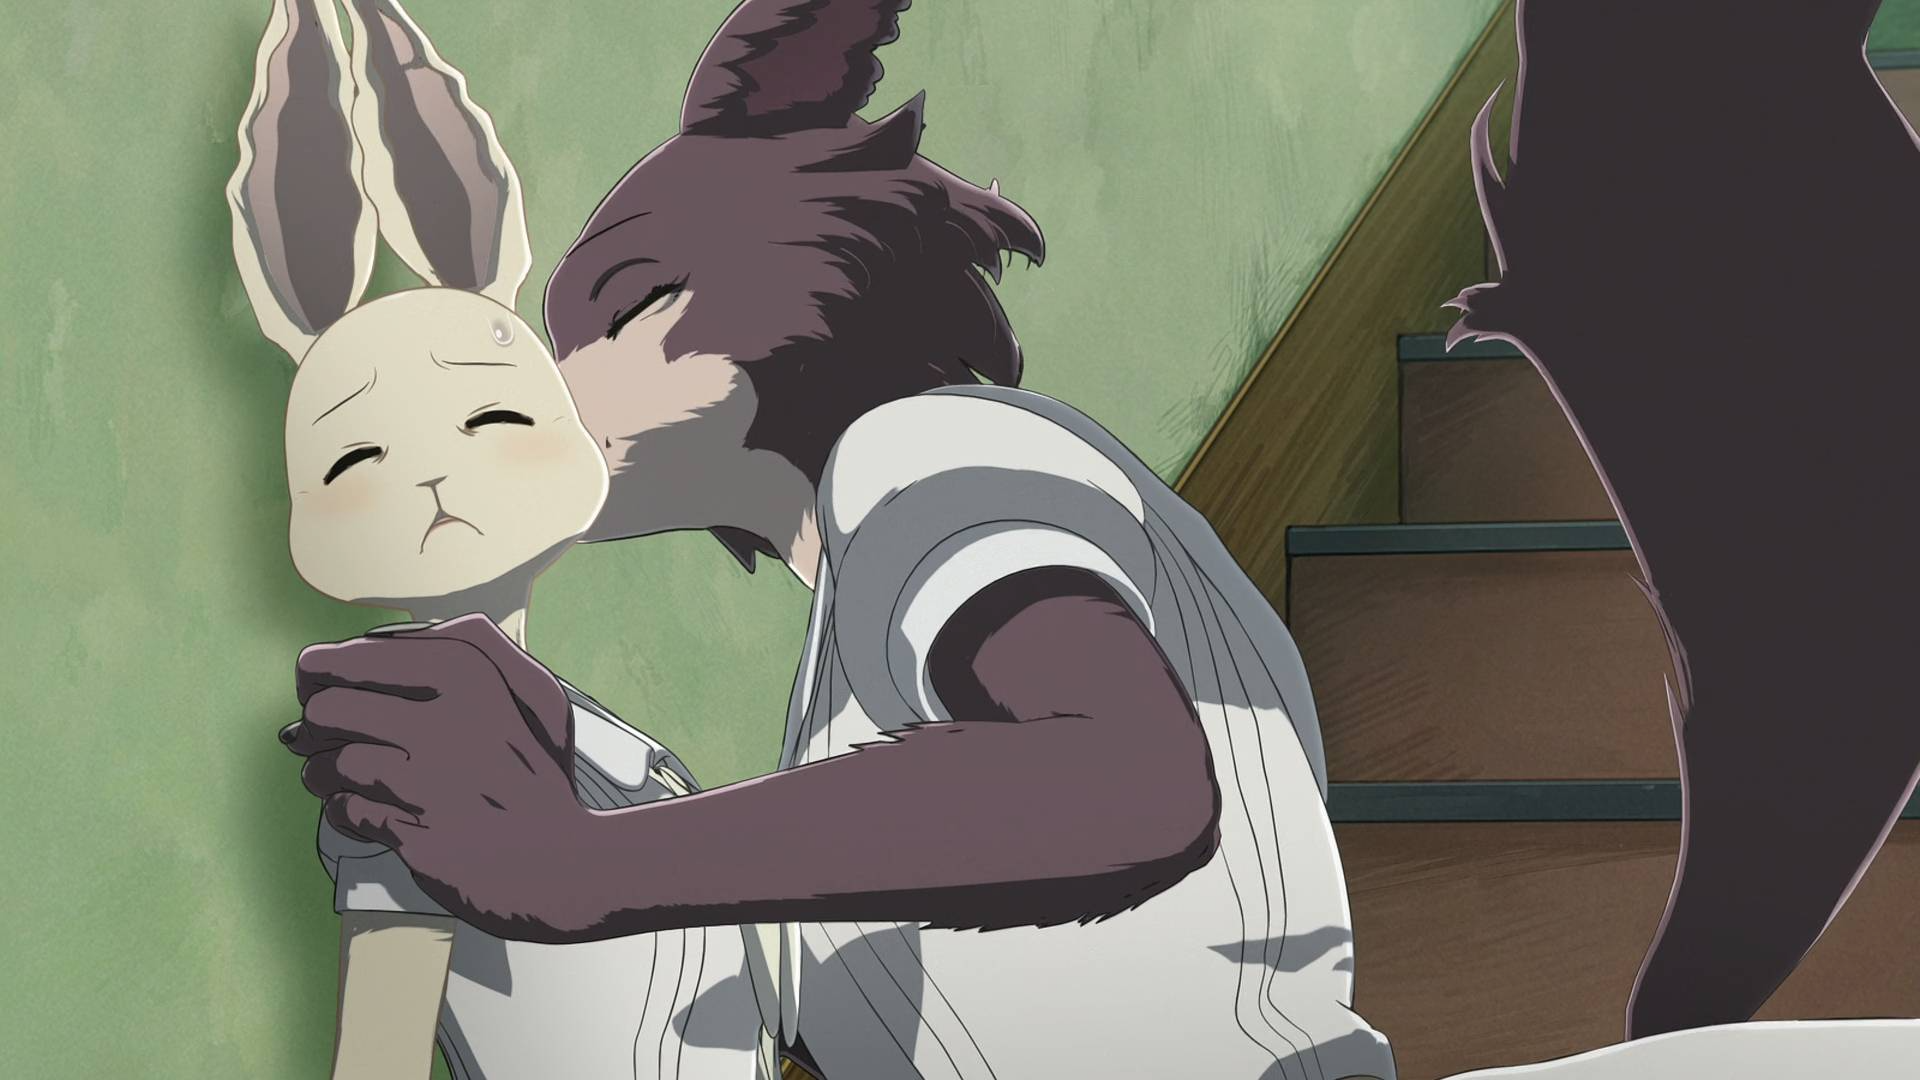 狼和兔子成了情敌,为了争取到公狼的喜欢,母狼费尽心思